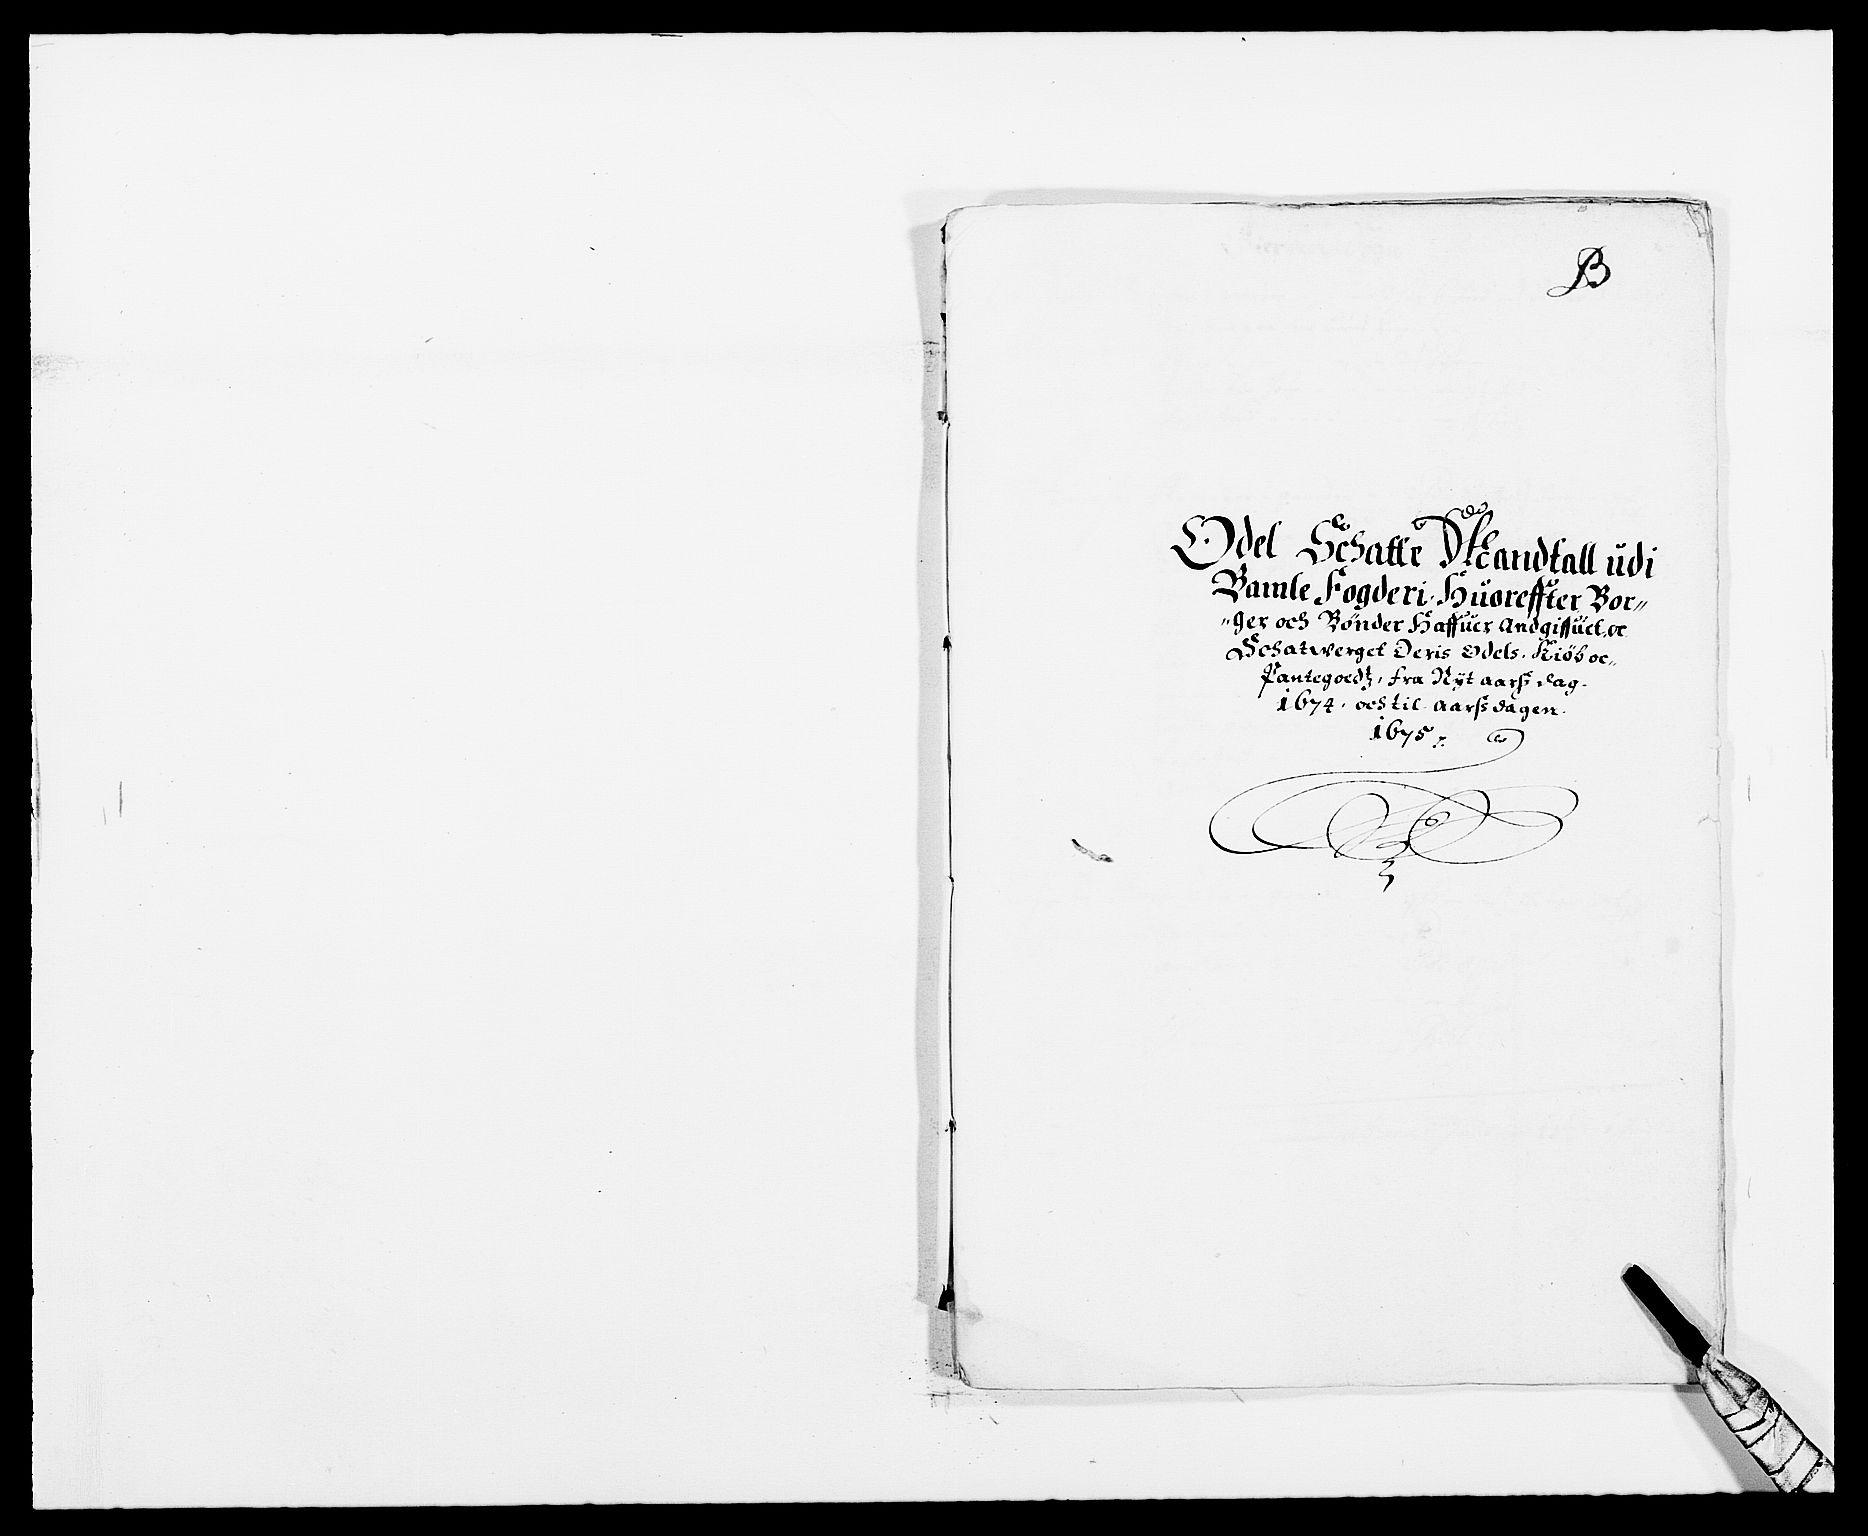 RA, Rentekammeret inntil 1814, Reviderte regnskaper, Fogderegnskap, R34/L2042: Fogderegnskap Bamble, 1673-1675, s. 173